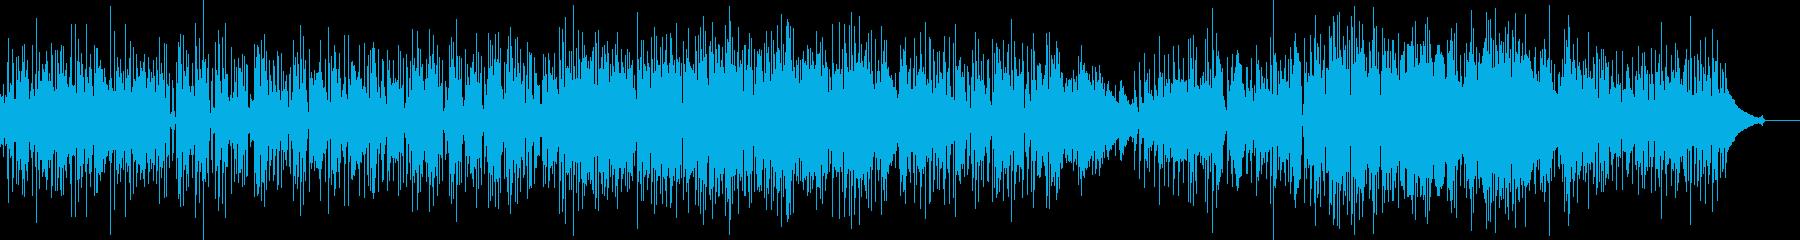 アコギ バンド切ない系の曲の再生済みの波形